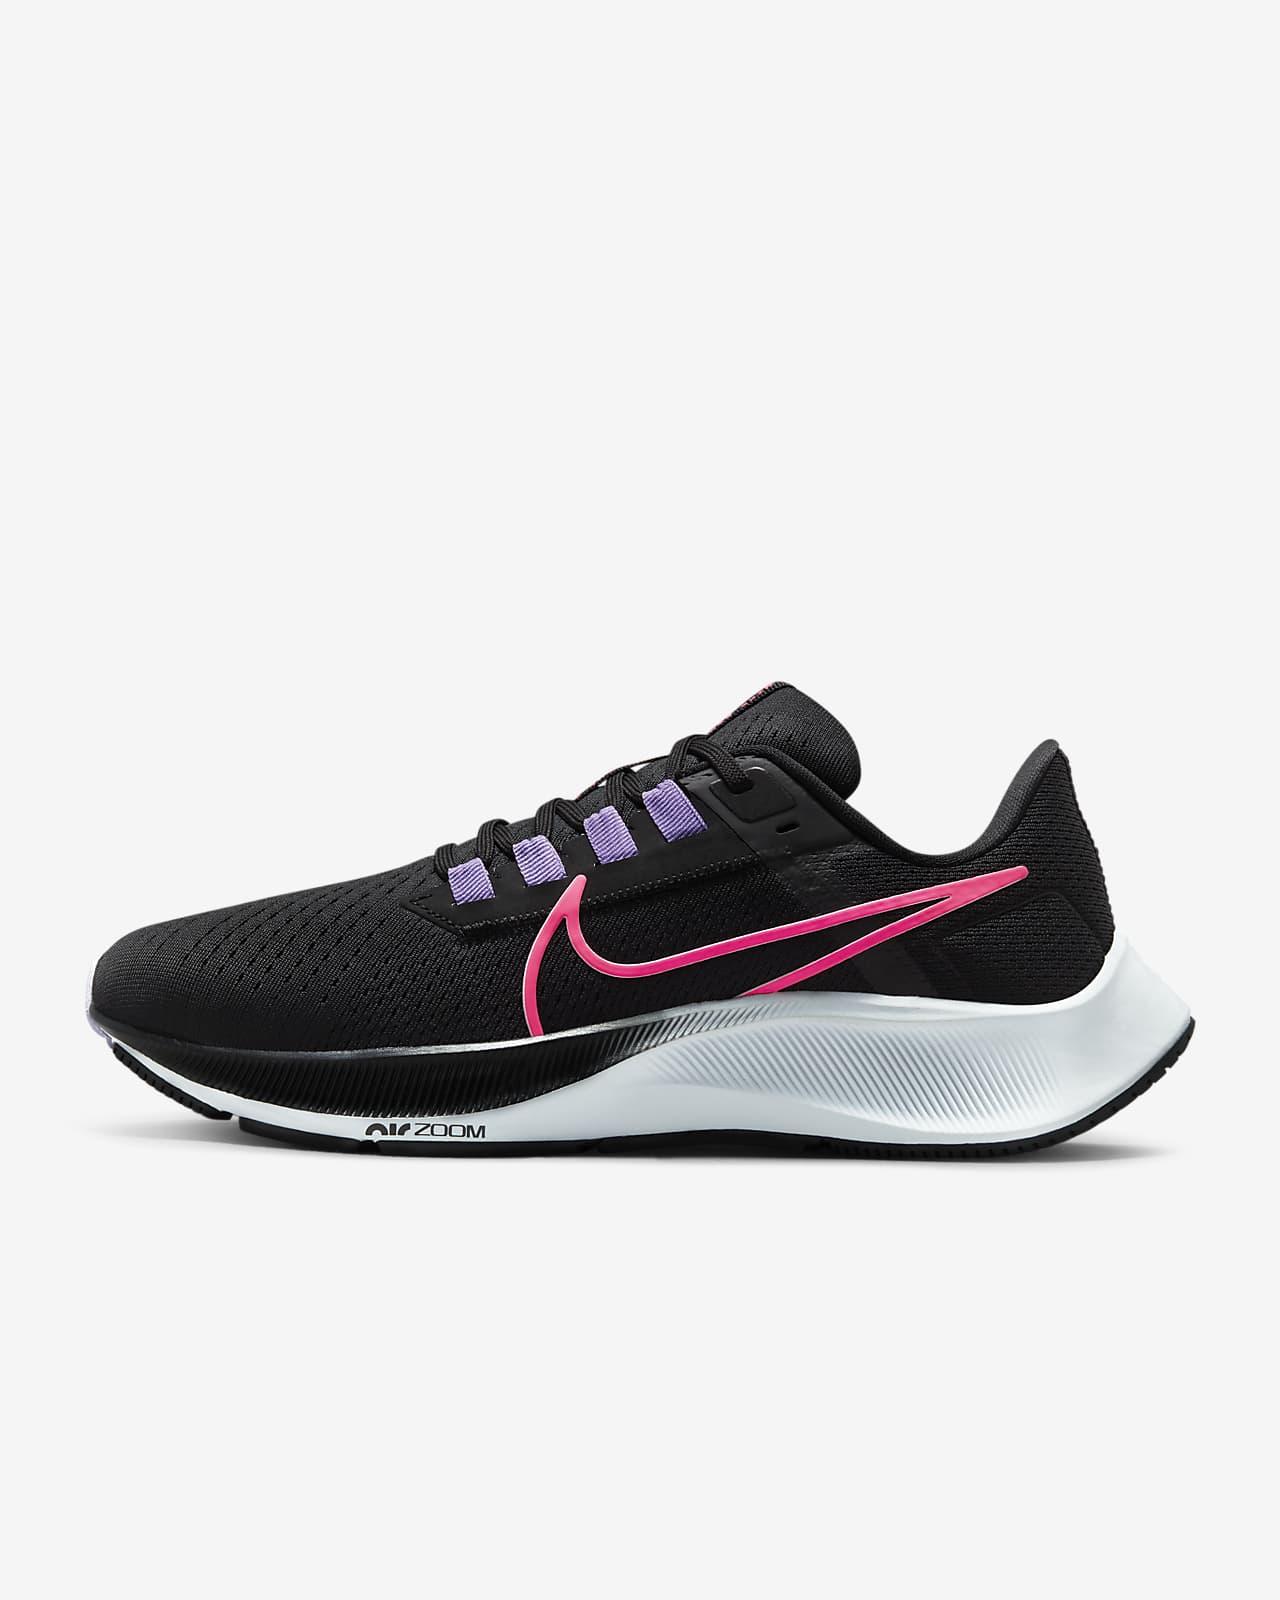 Γυναικείο παπούτσι για τρέξιμο Nike Air Zoom Pegasus 38